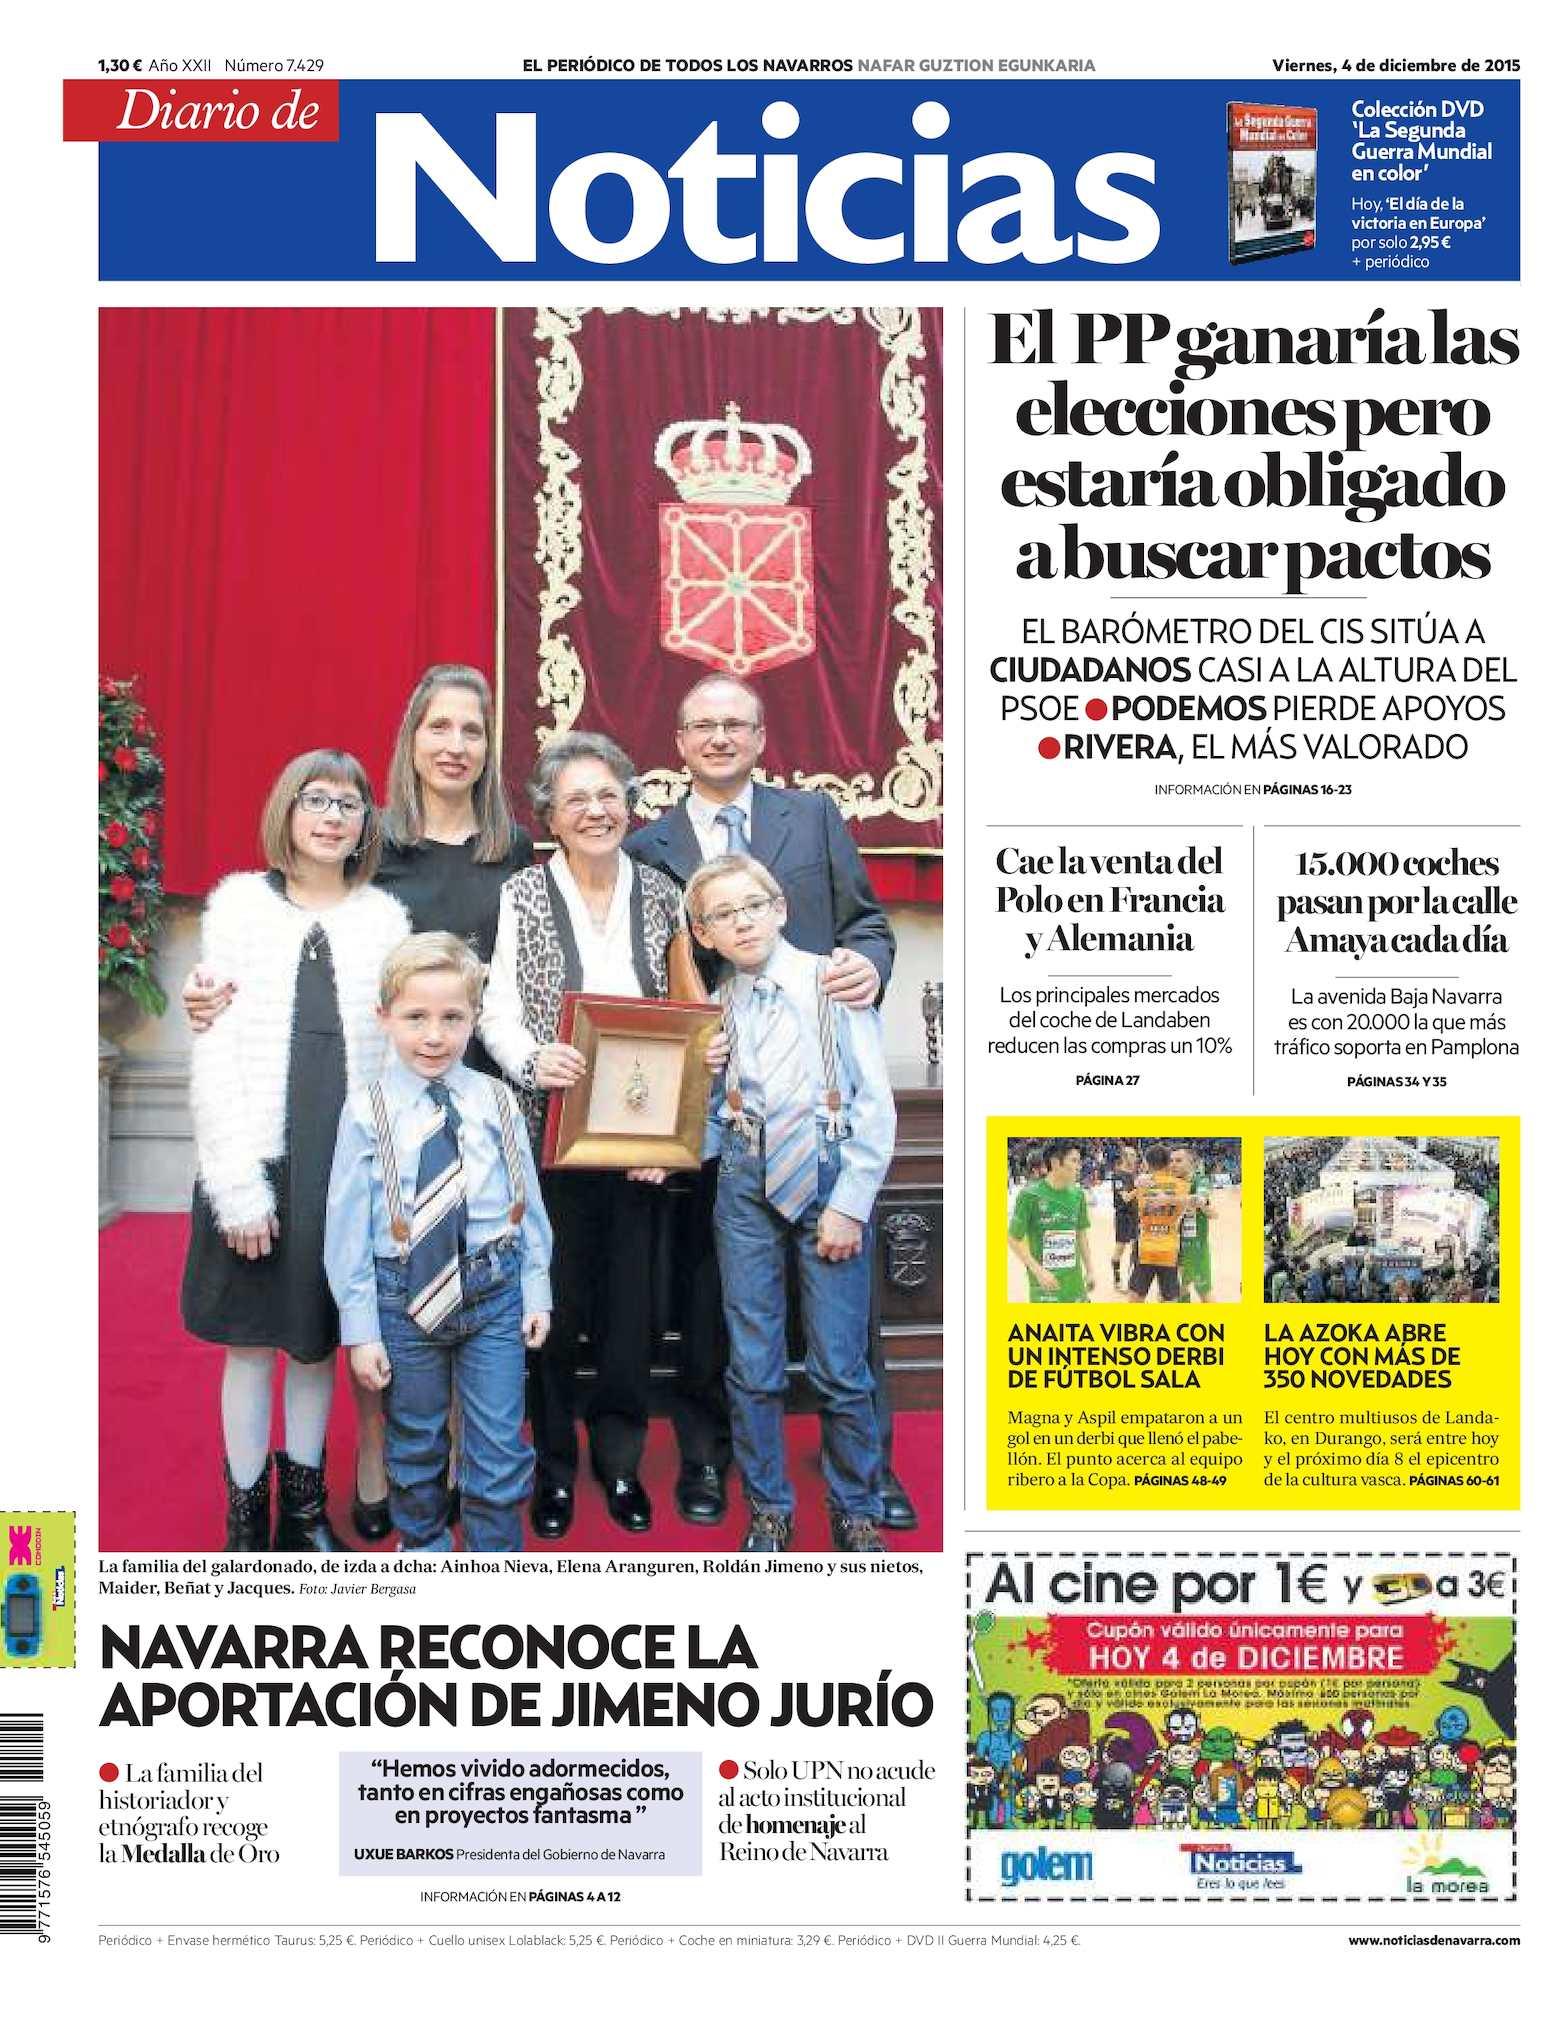 Calaméo - Diario de Noticias 20151204 0ec87c80e9d82